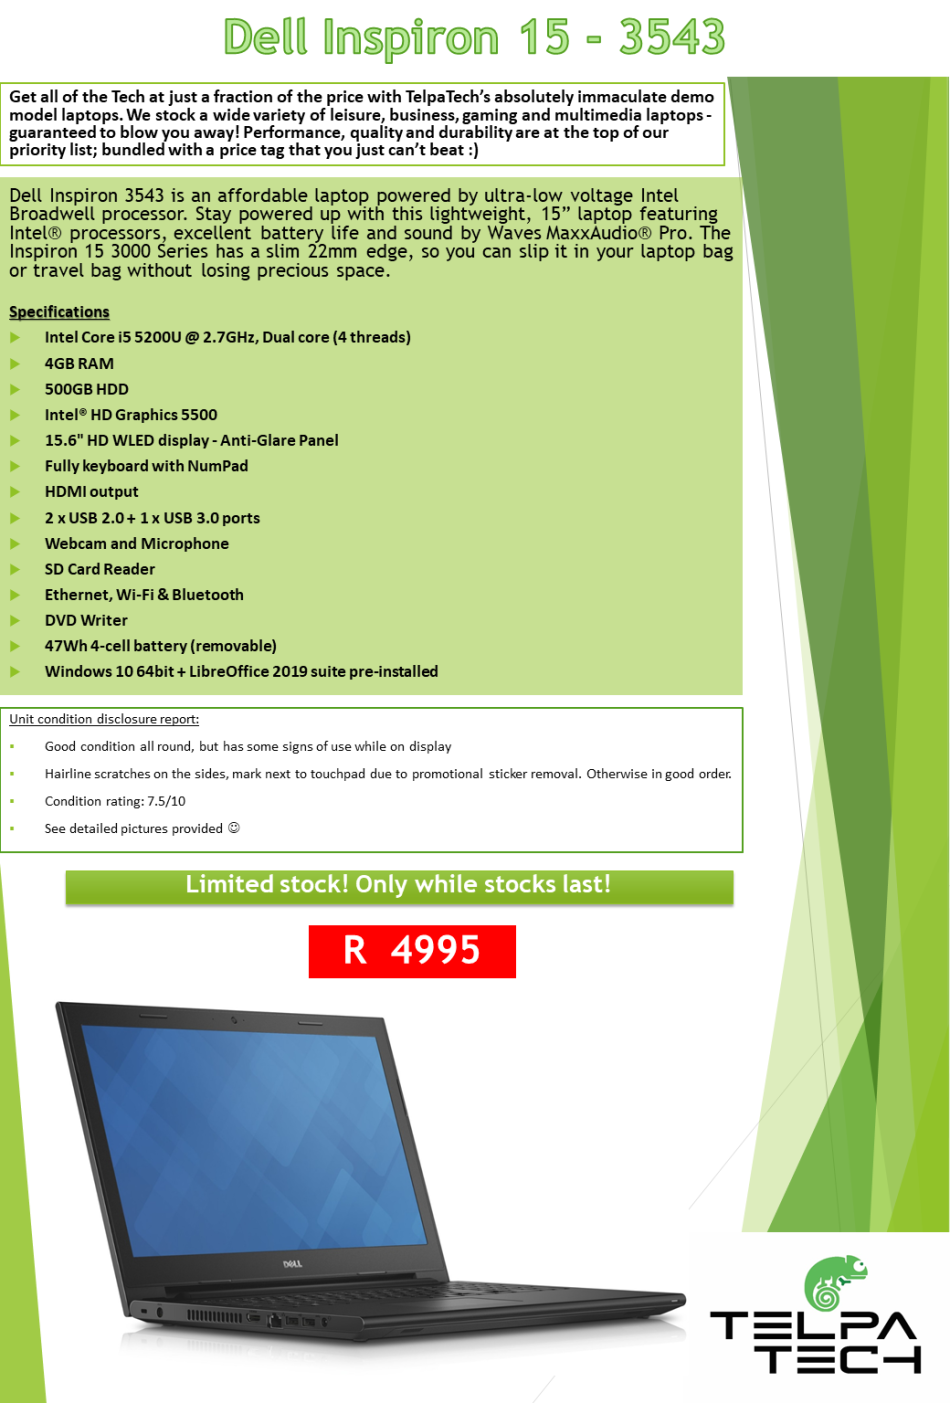 Laptops & Notebooks - BARGAIN BUY: Dell Inspiron 15 - 3543